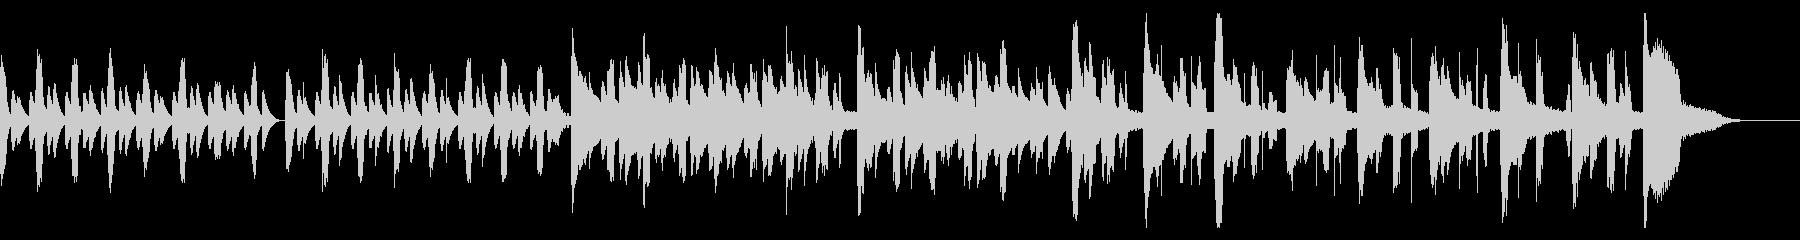 ピタゴラスイッチ風のほのぼのリコーダー曲の未再生の波形